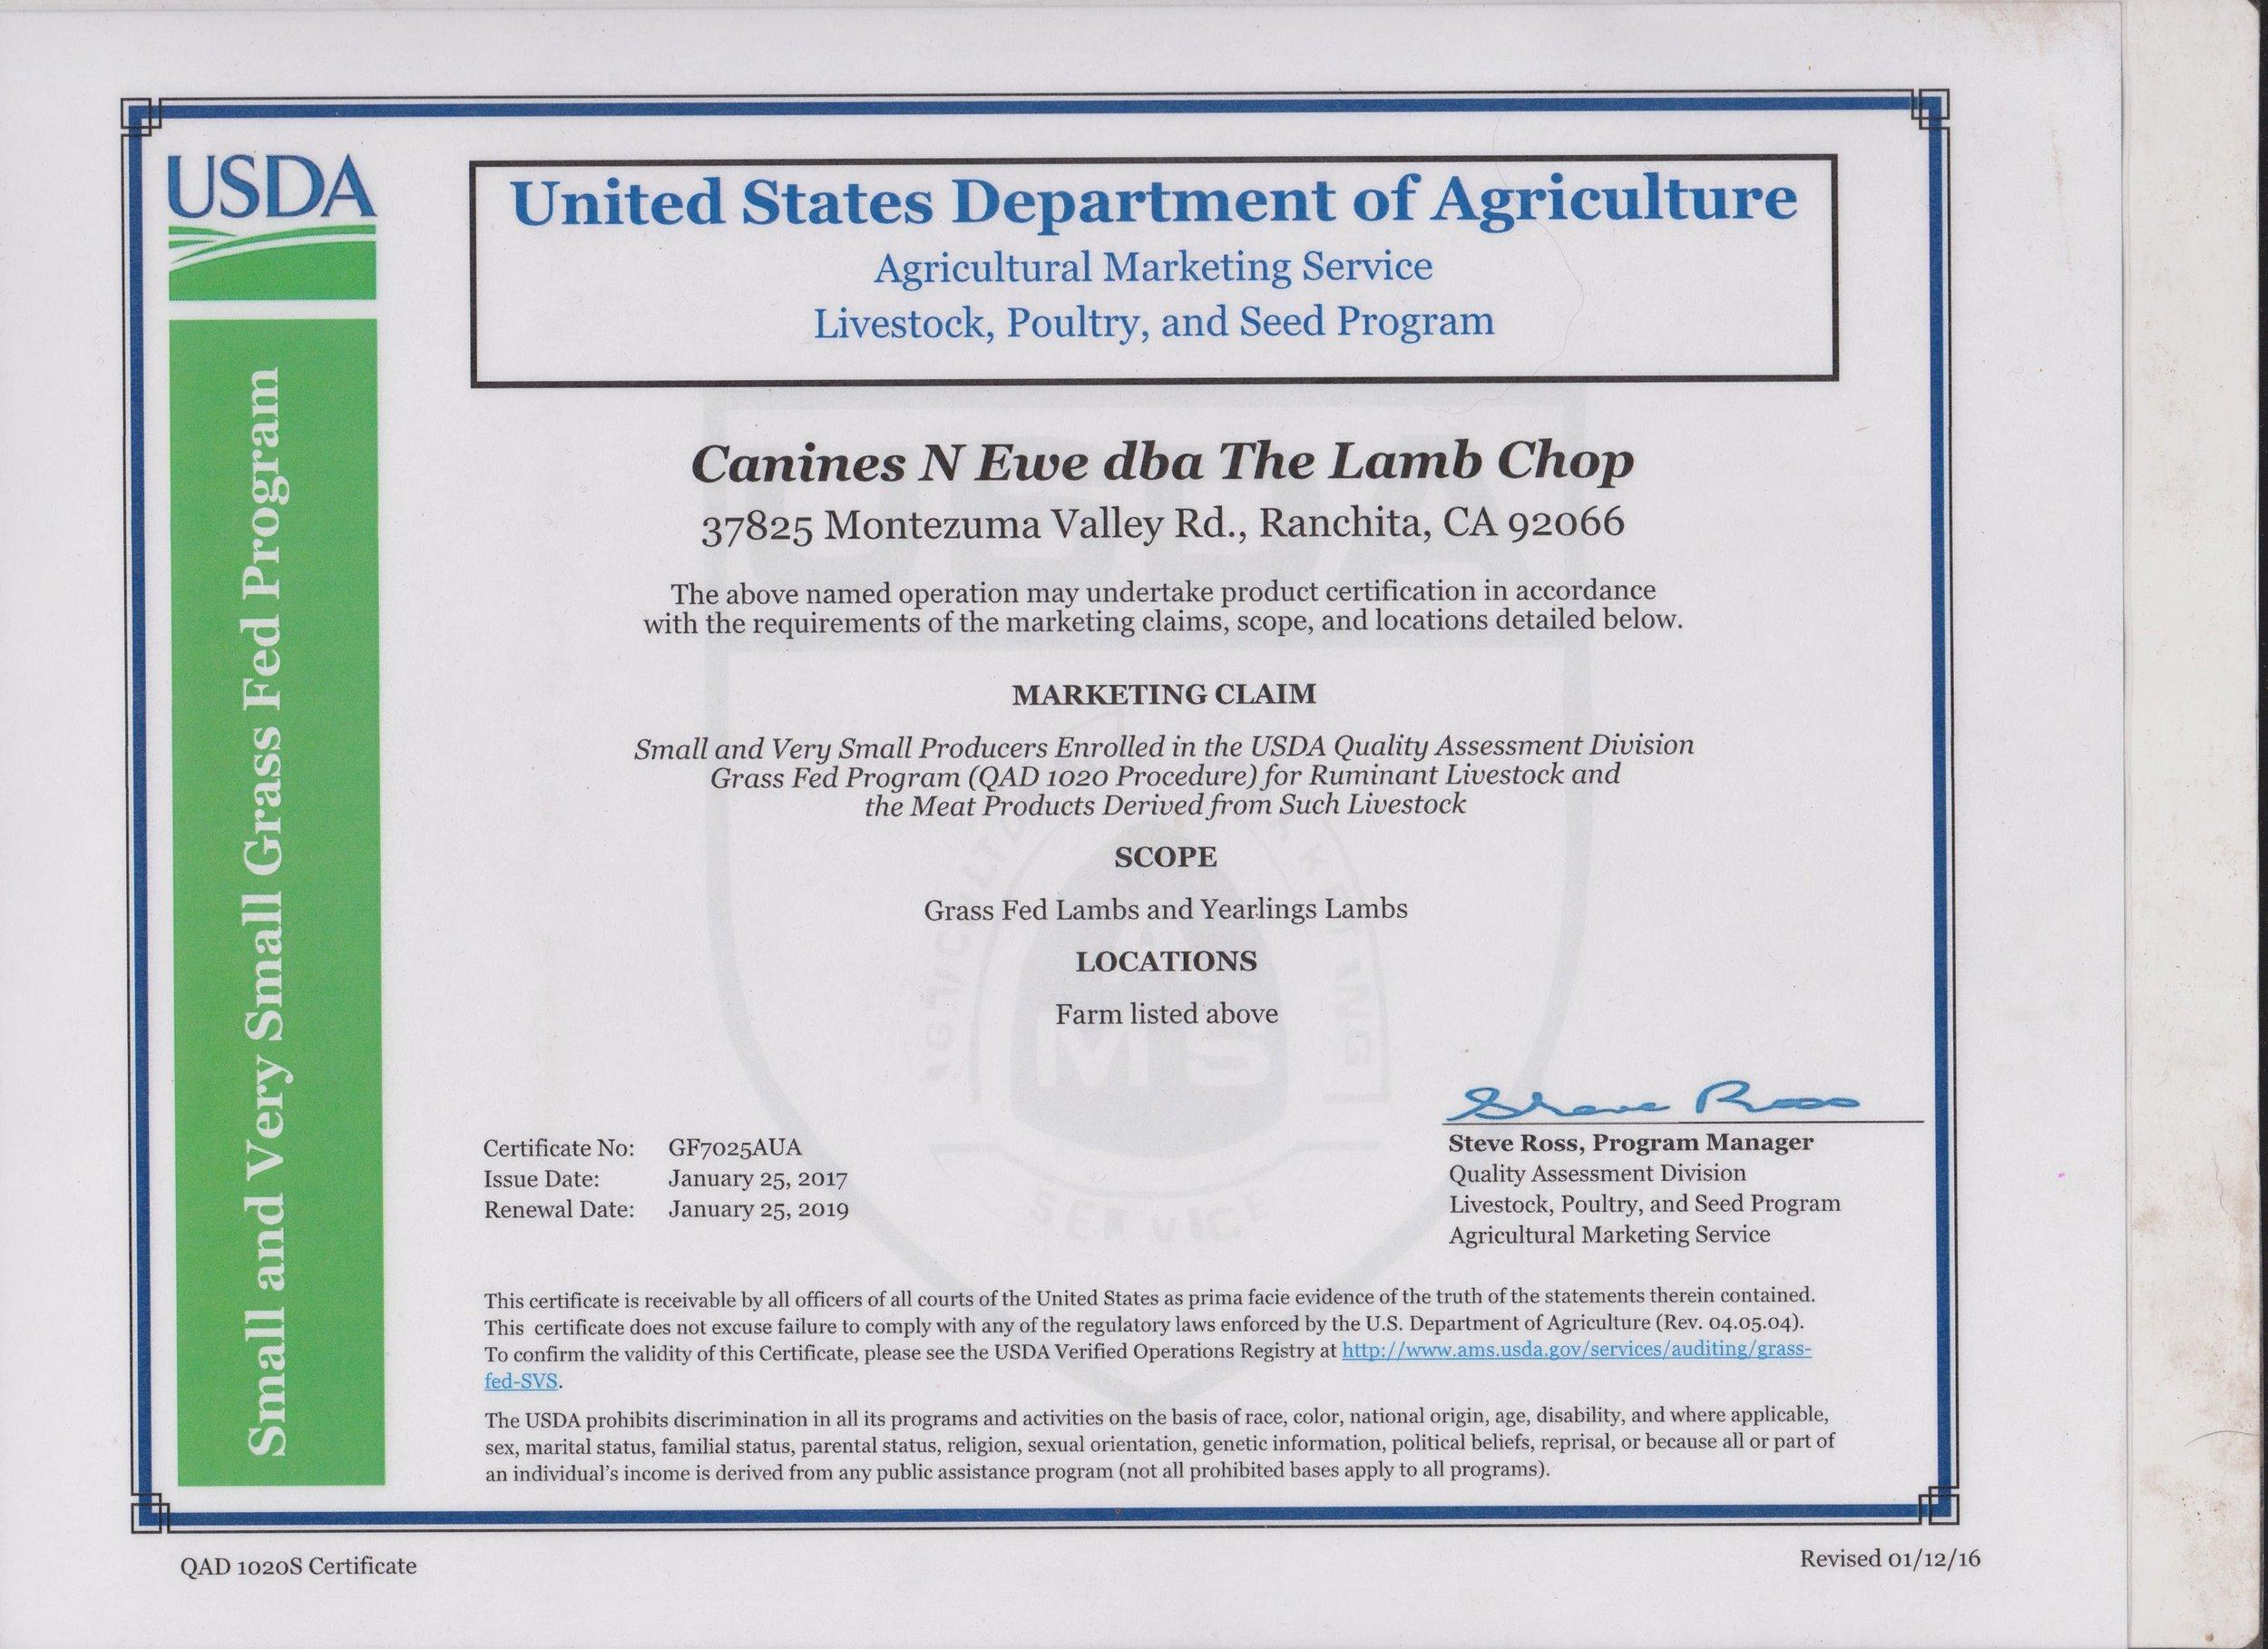 USDA CERT 003.jpg